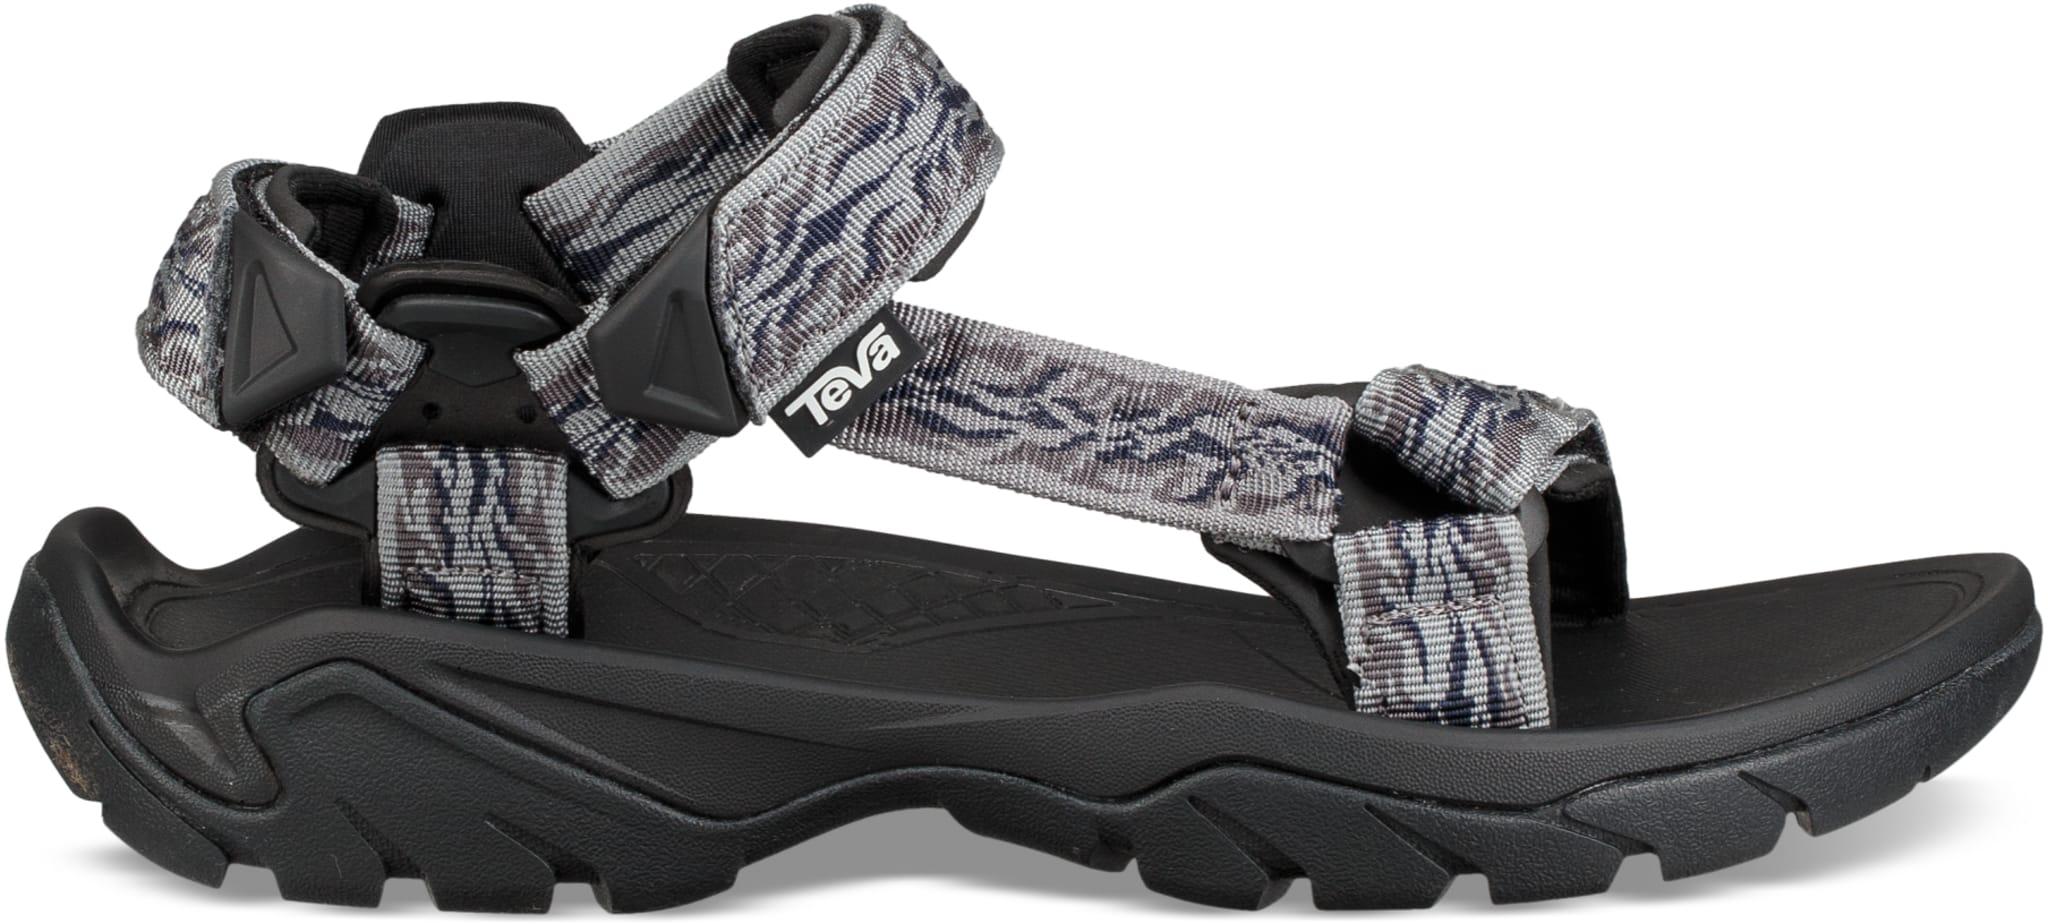 Sandalen som er med all slags gøy!